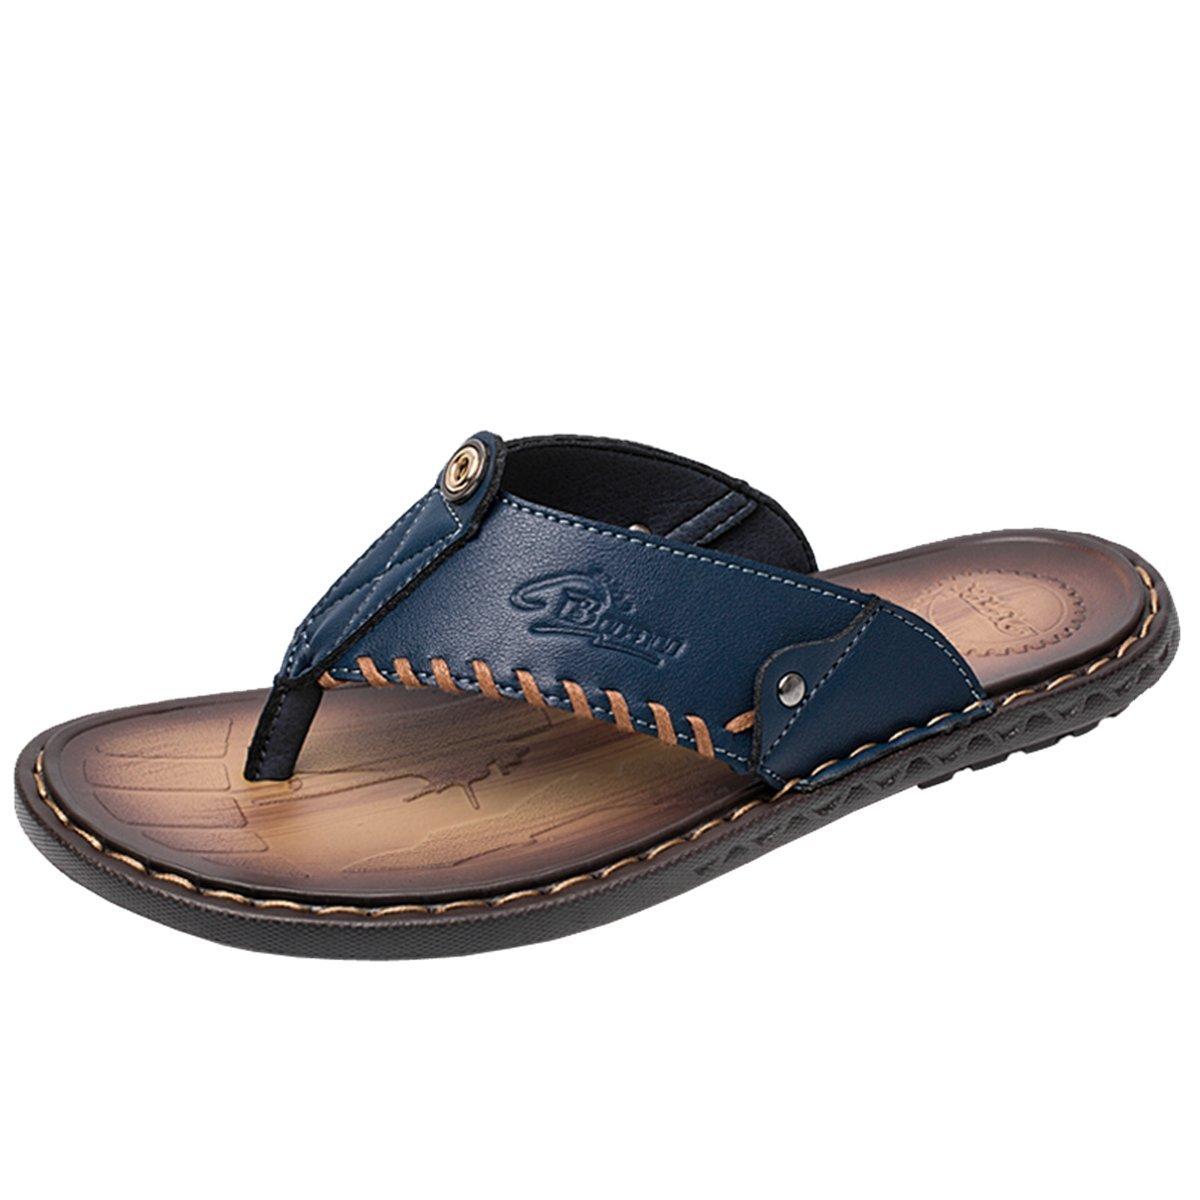 Gracosy Flip Flops, Unisex Zehentrenner Flache Hausschuhe Pantoletten Sommer Schuhe Slippers Weich Anti-Rutsch T-Strap Sandalen fuuml;r Herren Damenr  40 EU|Blau-d